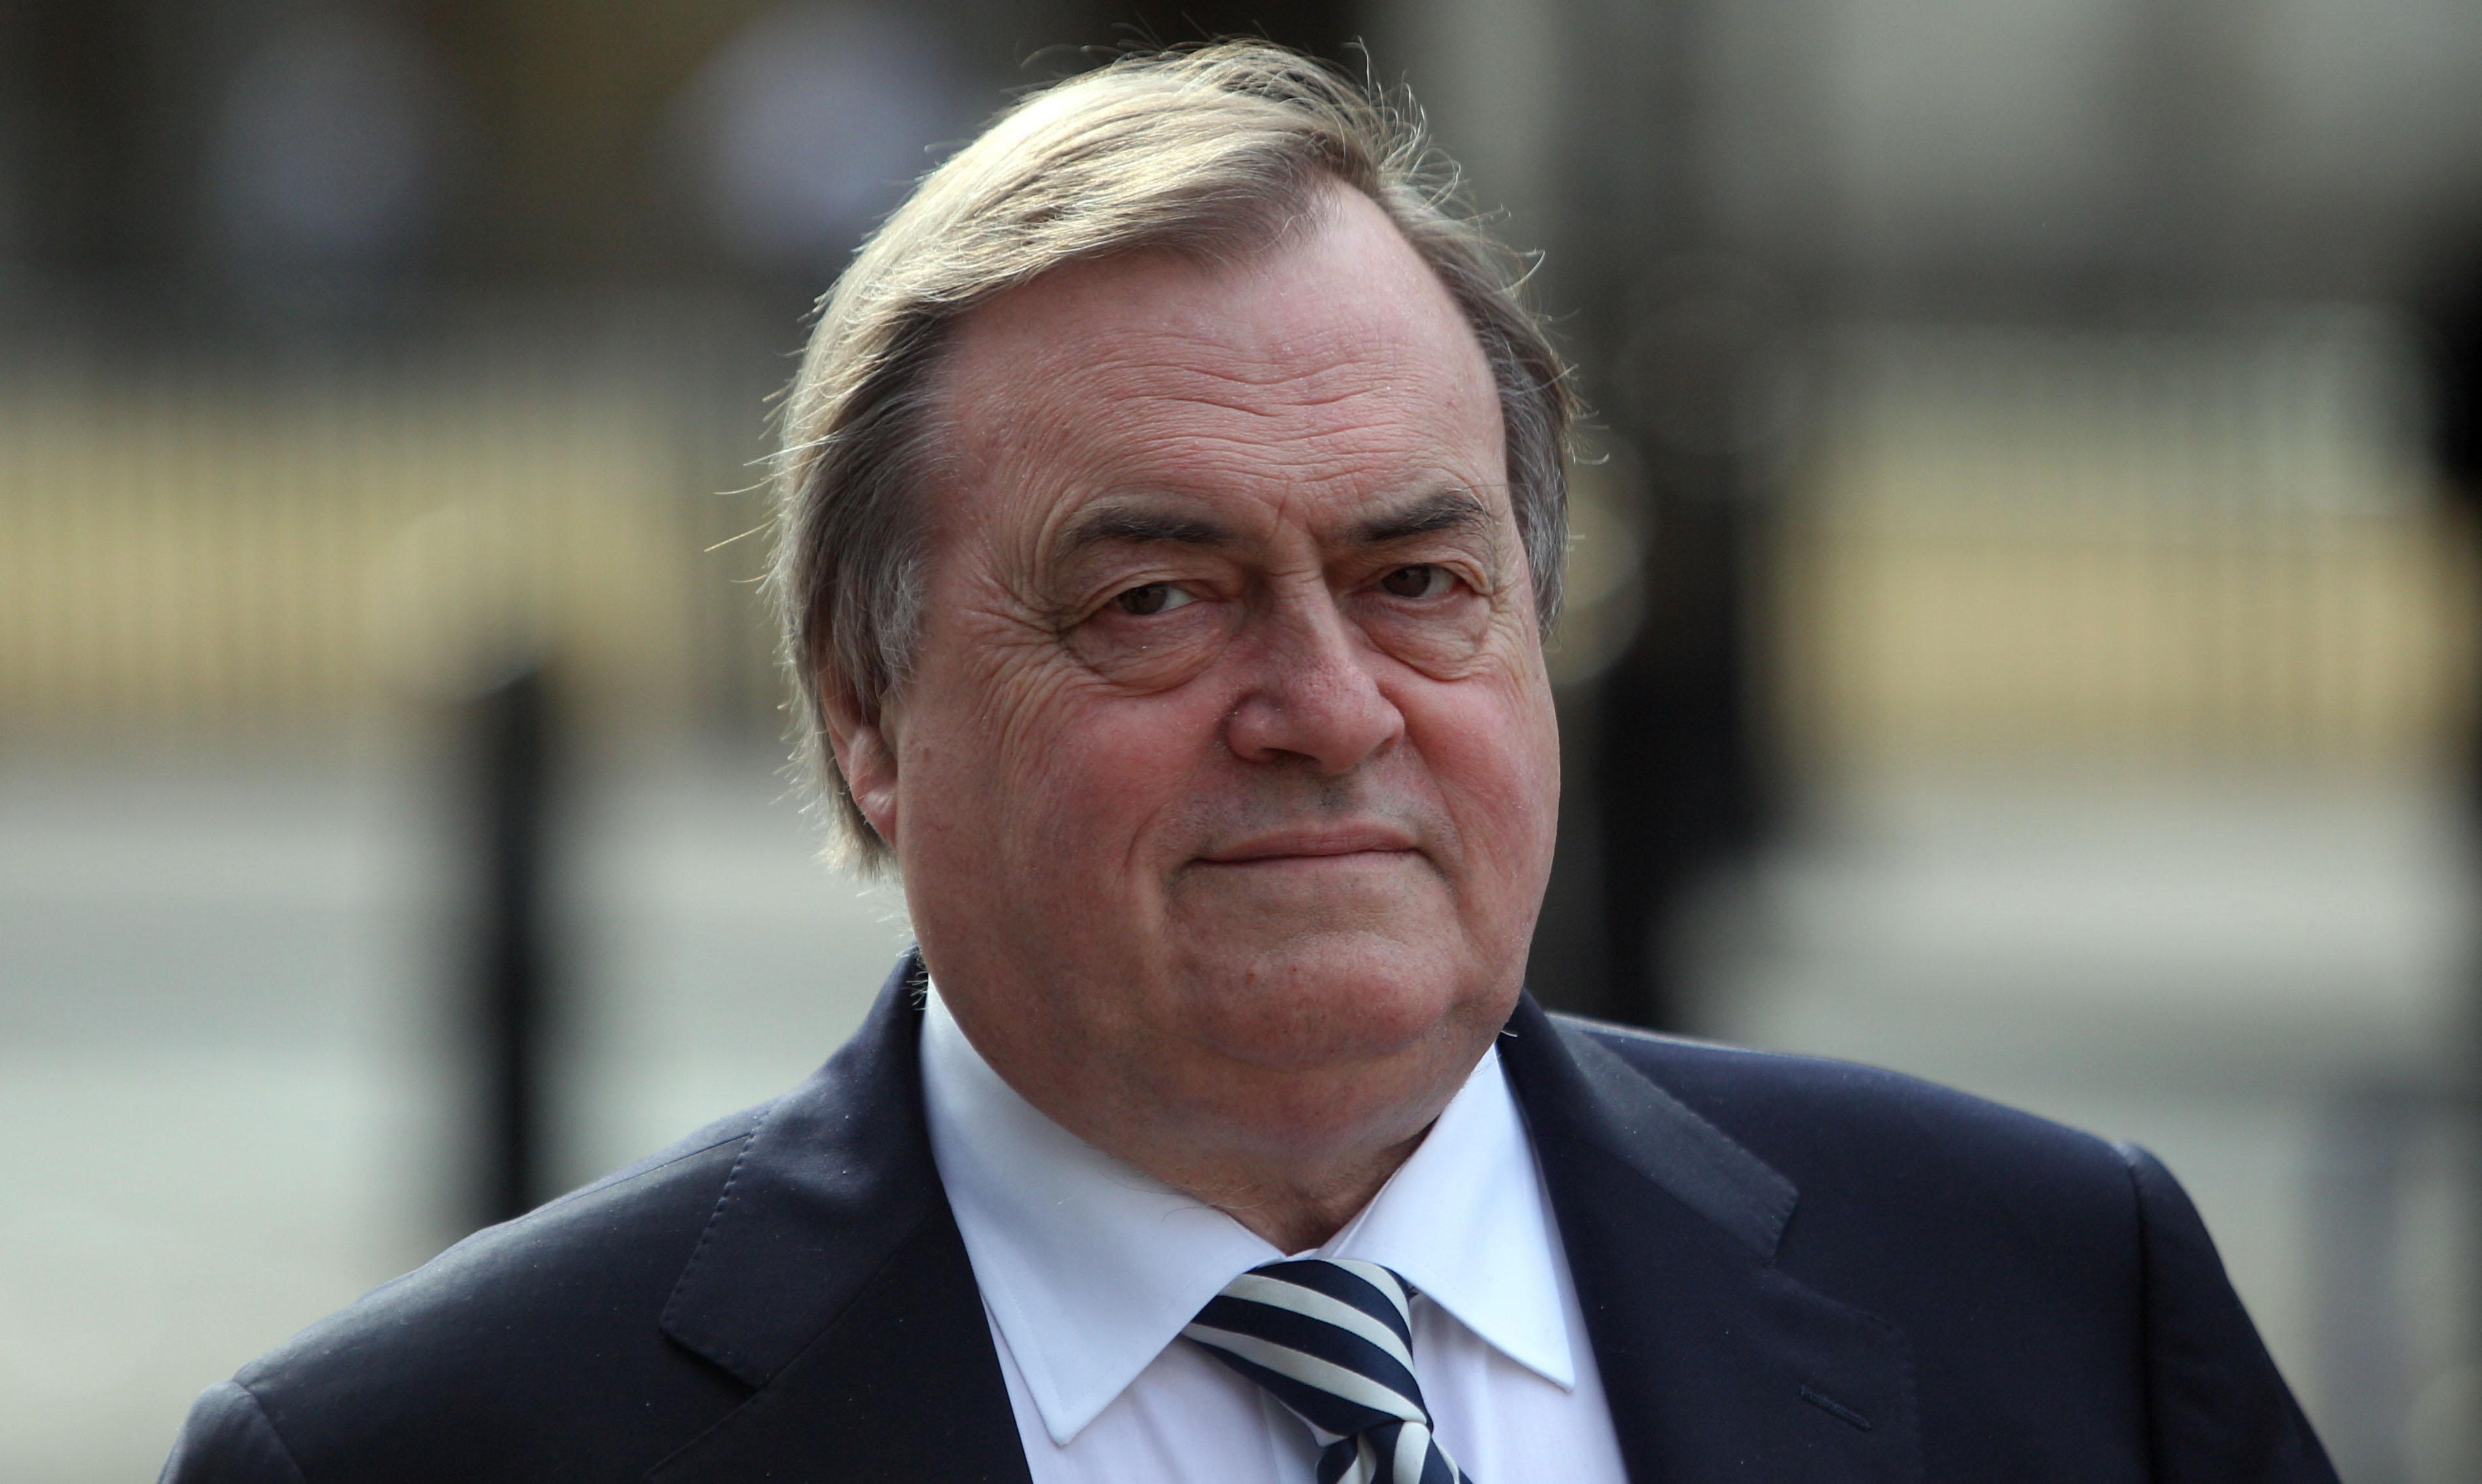 Lord Prescott has said the Iraq War was